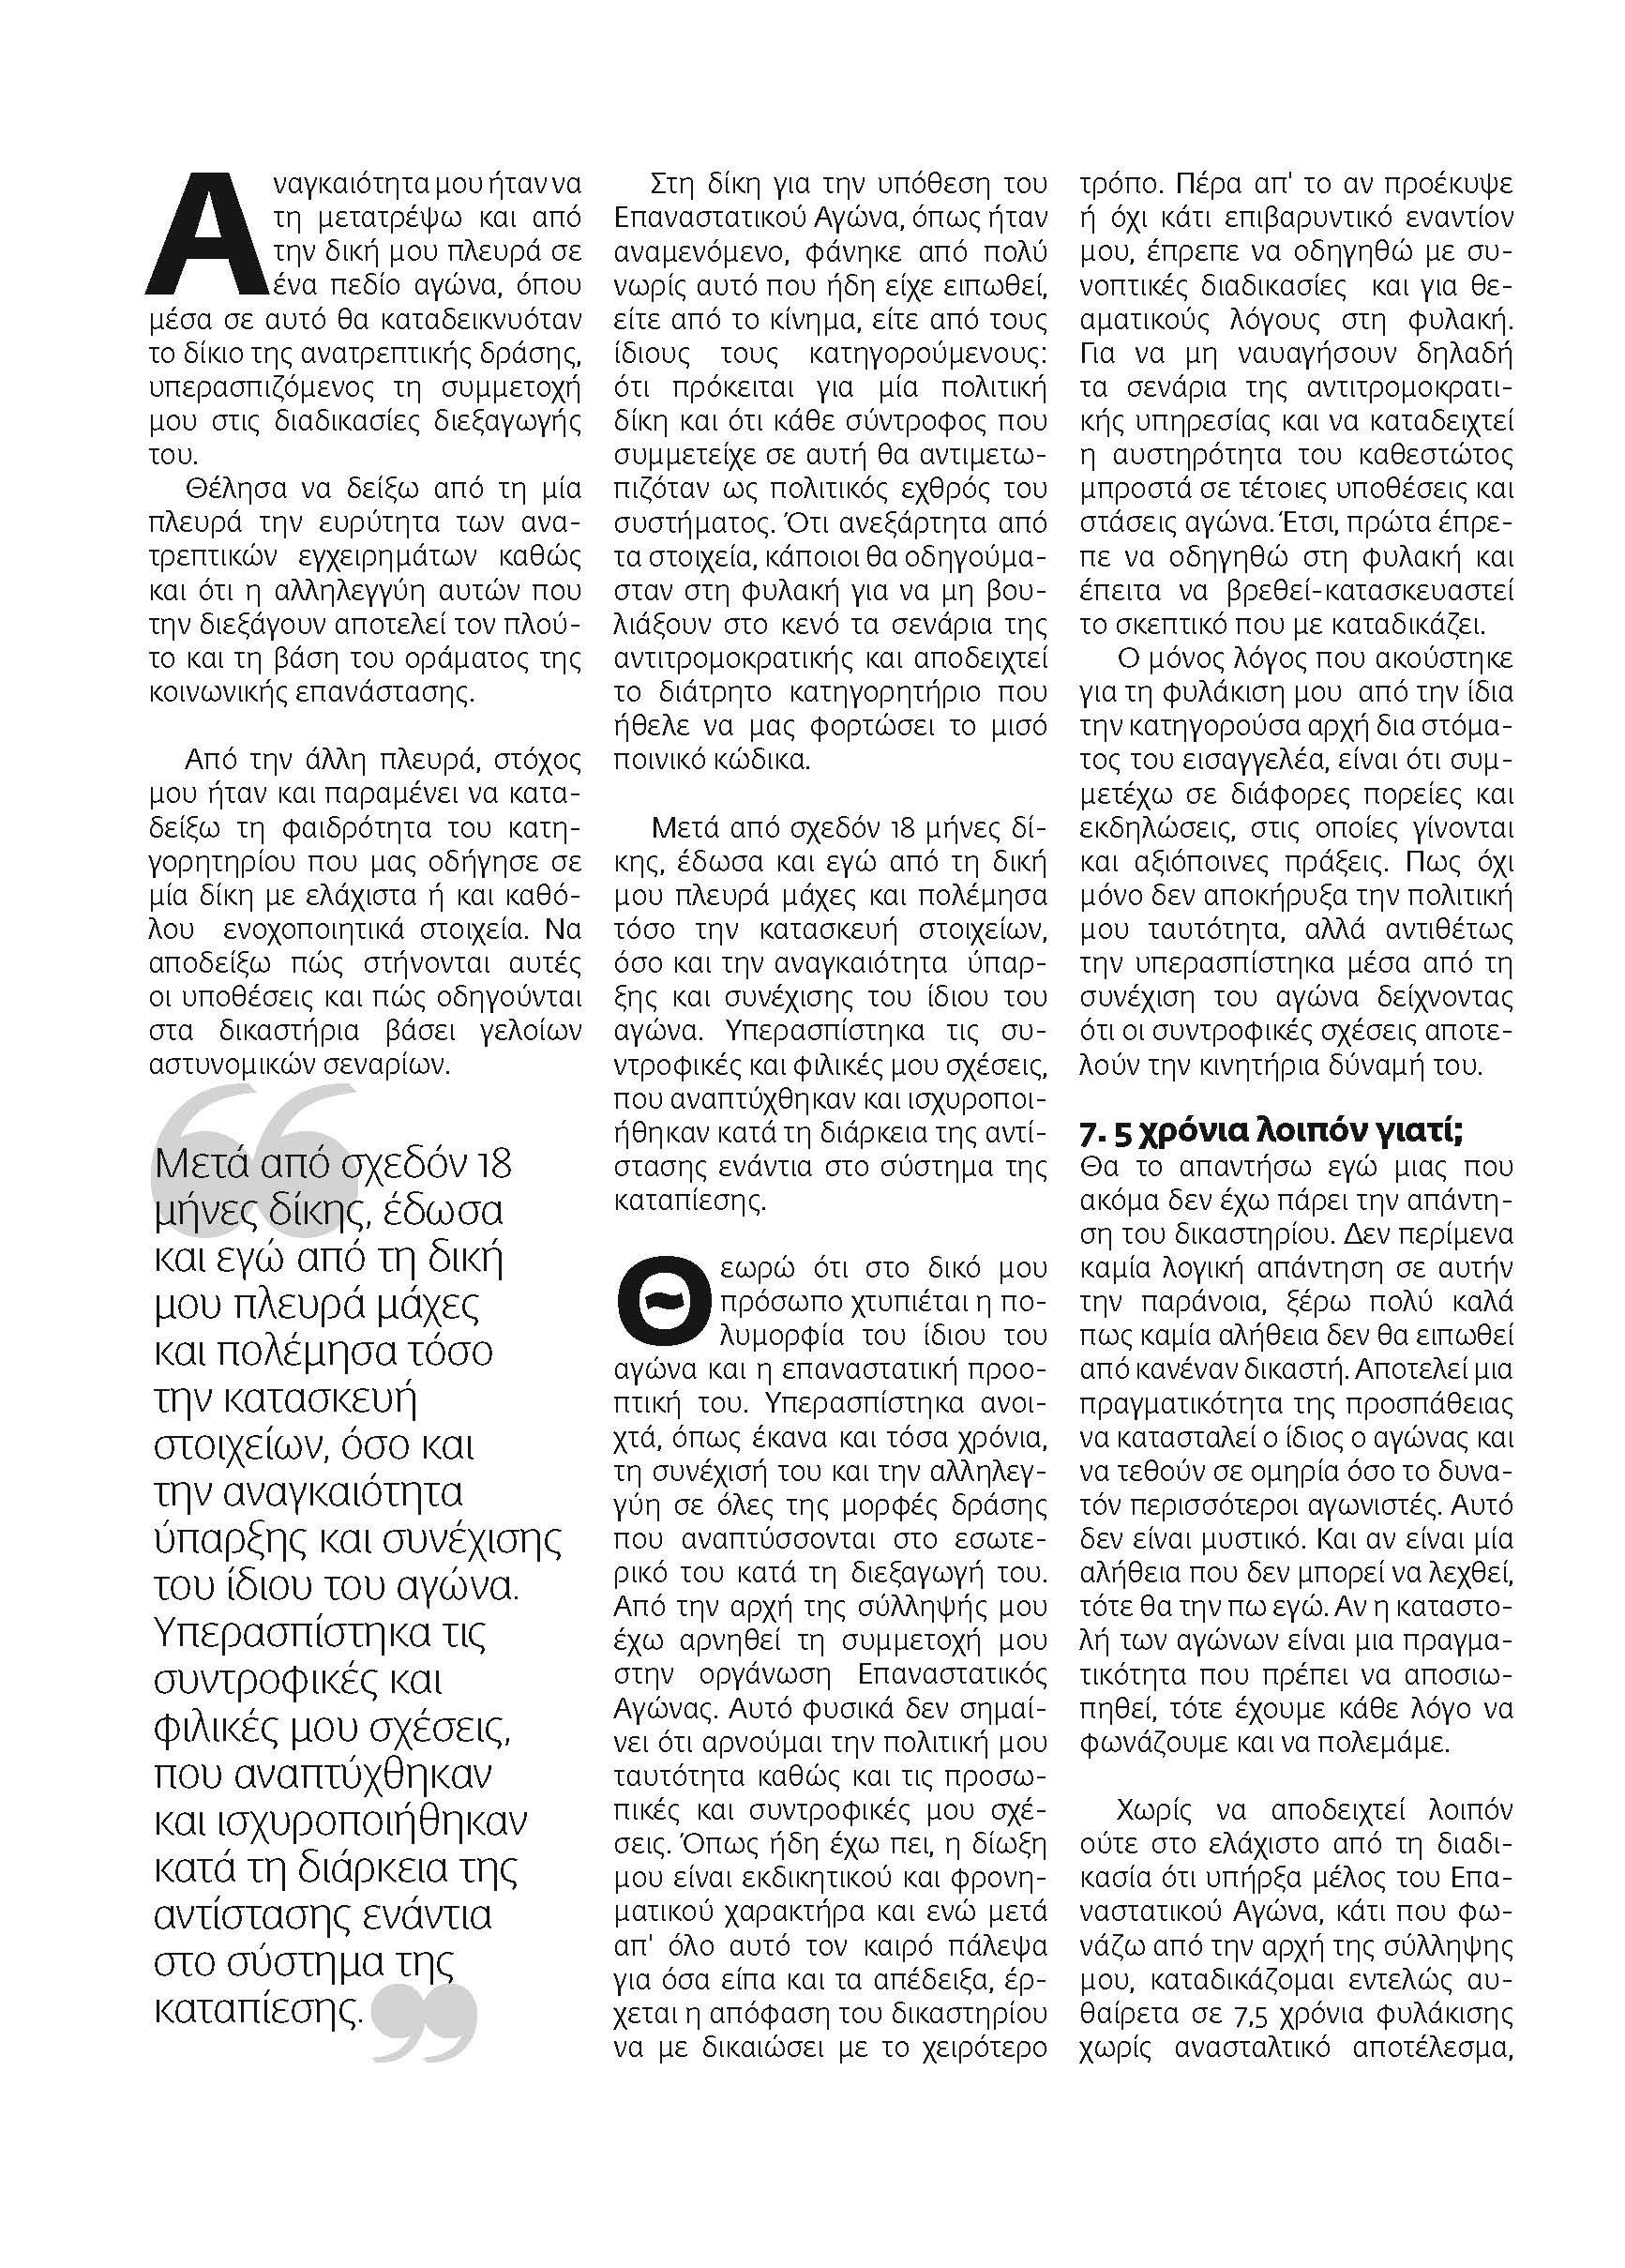 gramma-apo ti-filaki-internet (2)_Page_2